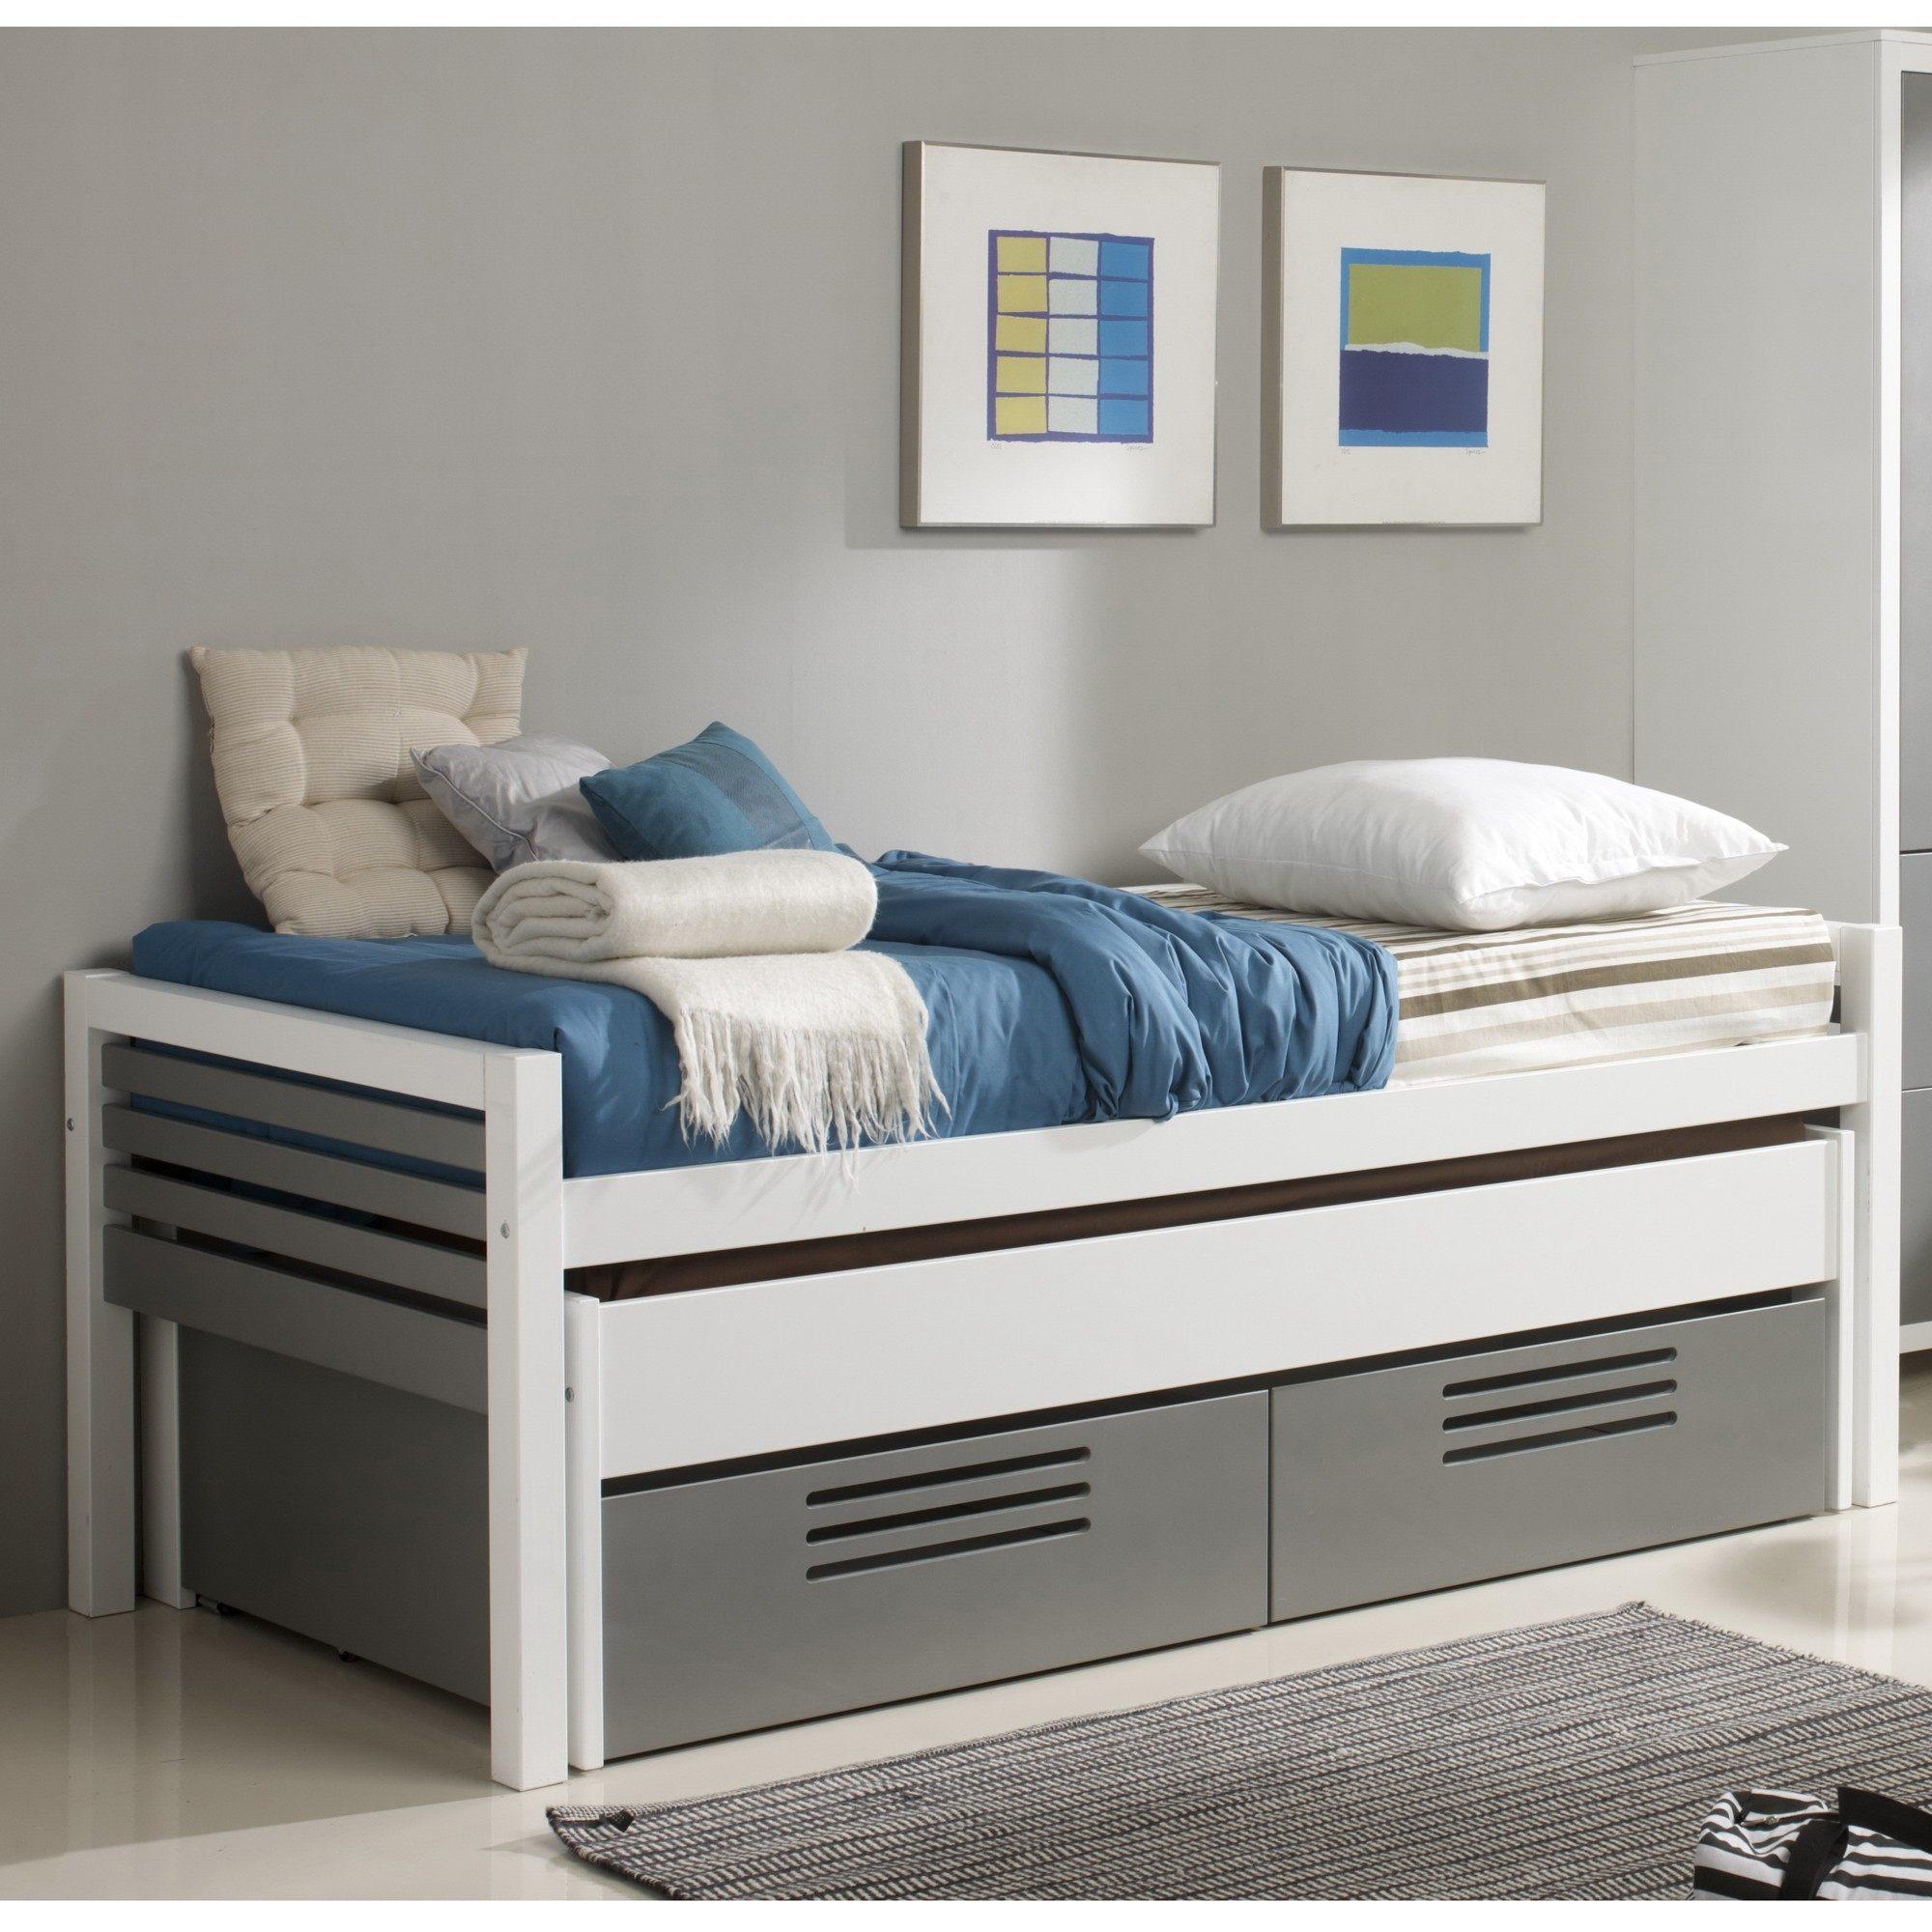 Lit Coffre but 160x200 Frais Banc De Lit but Beautiful but Lit 27 sommier Electrique Ikea Coffre